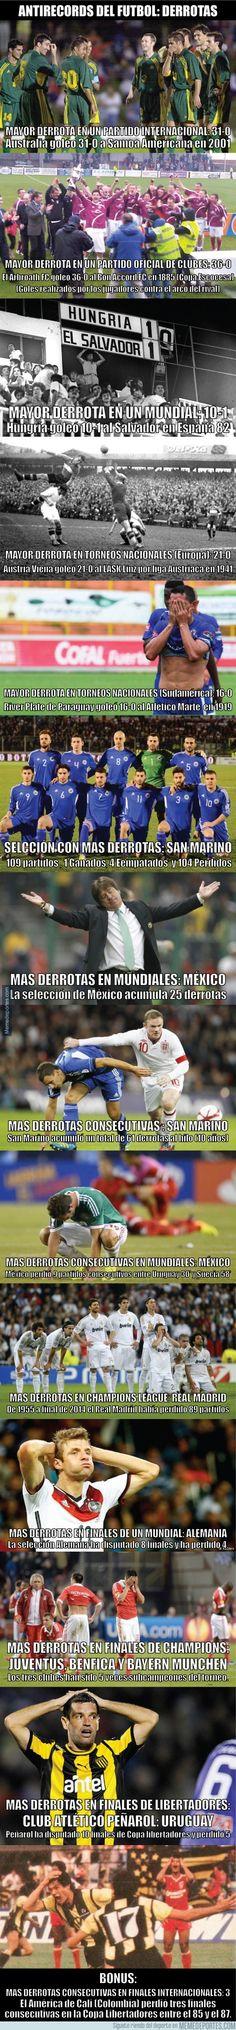 Antirrecords del fútbol: Derrotas